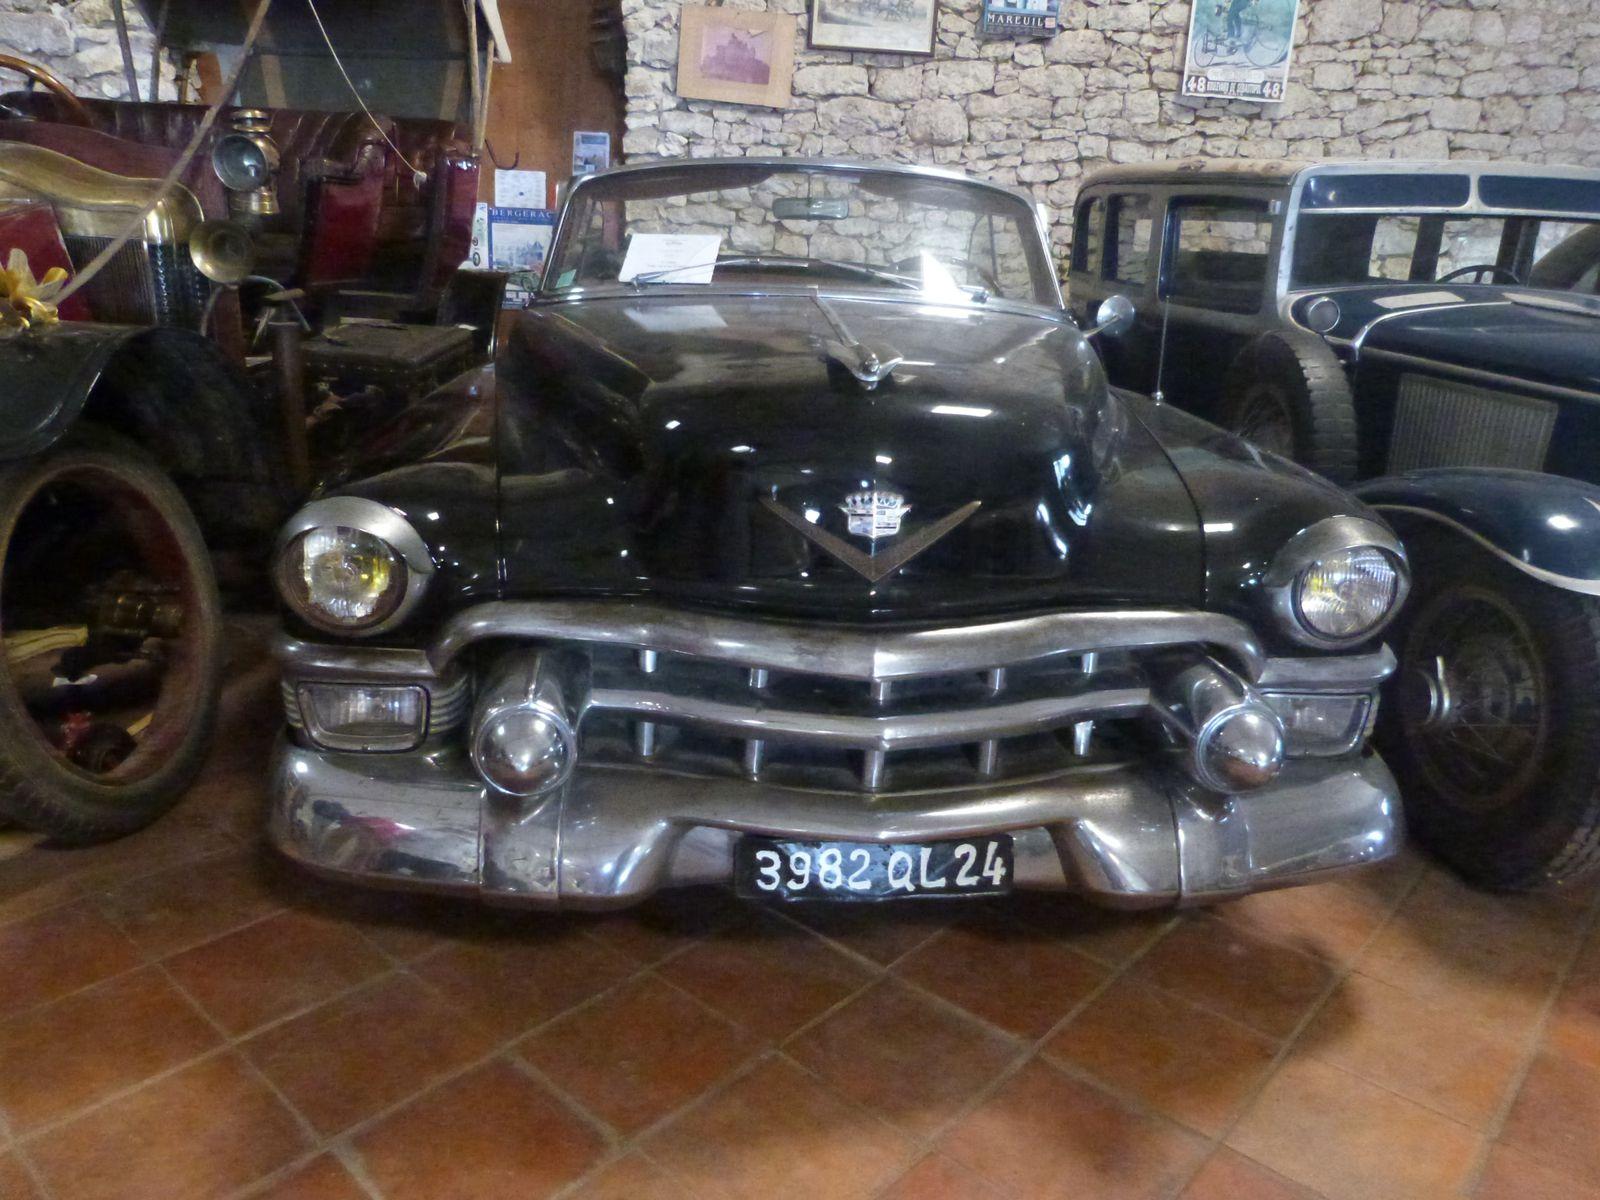 Visite au château de Sanxet (musée des voitures anciennes), janvier 2015 : Morgane, Hugo, Kévin, Domi, Nico.